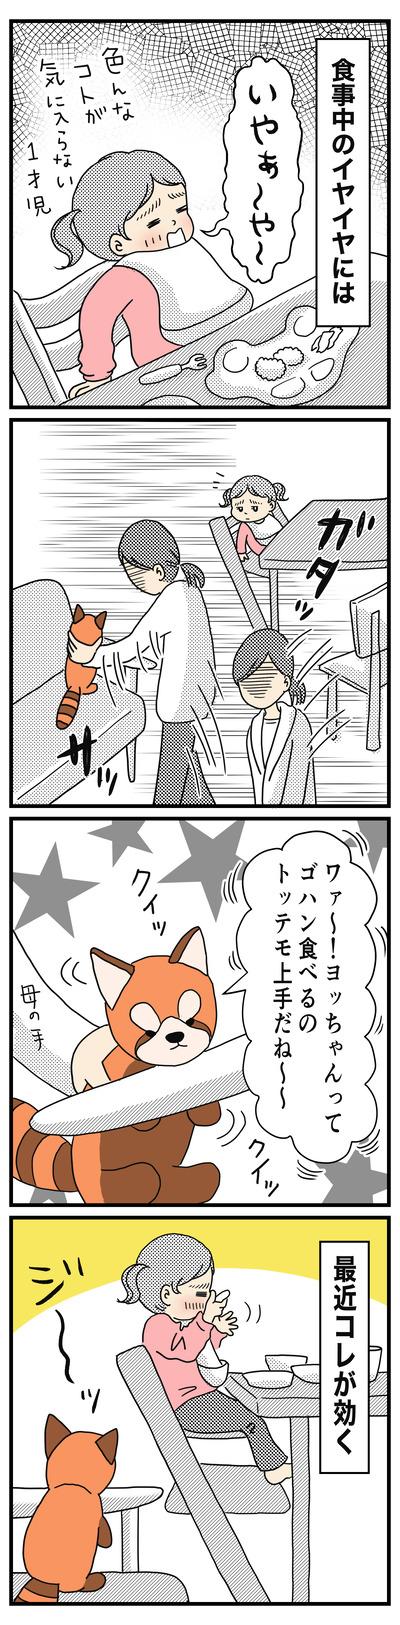 230ヨッちゃん食事中のイライラ(1才半〜2才)